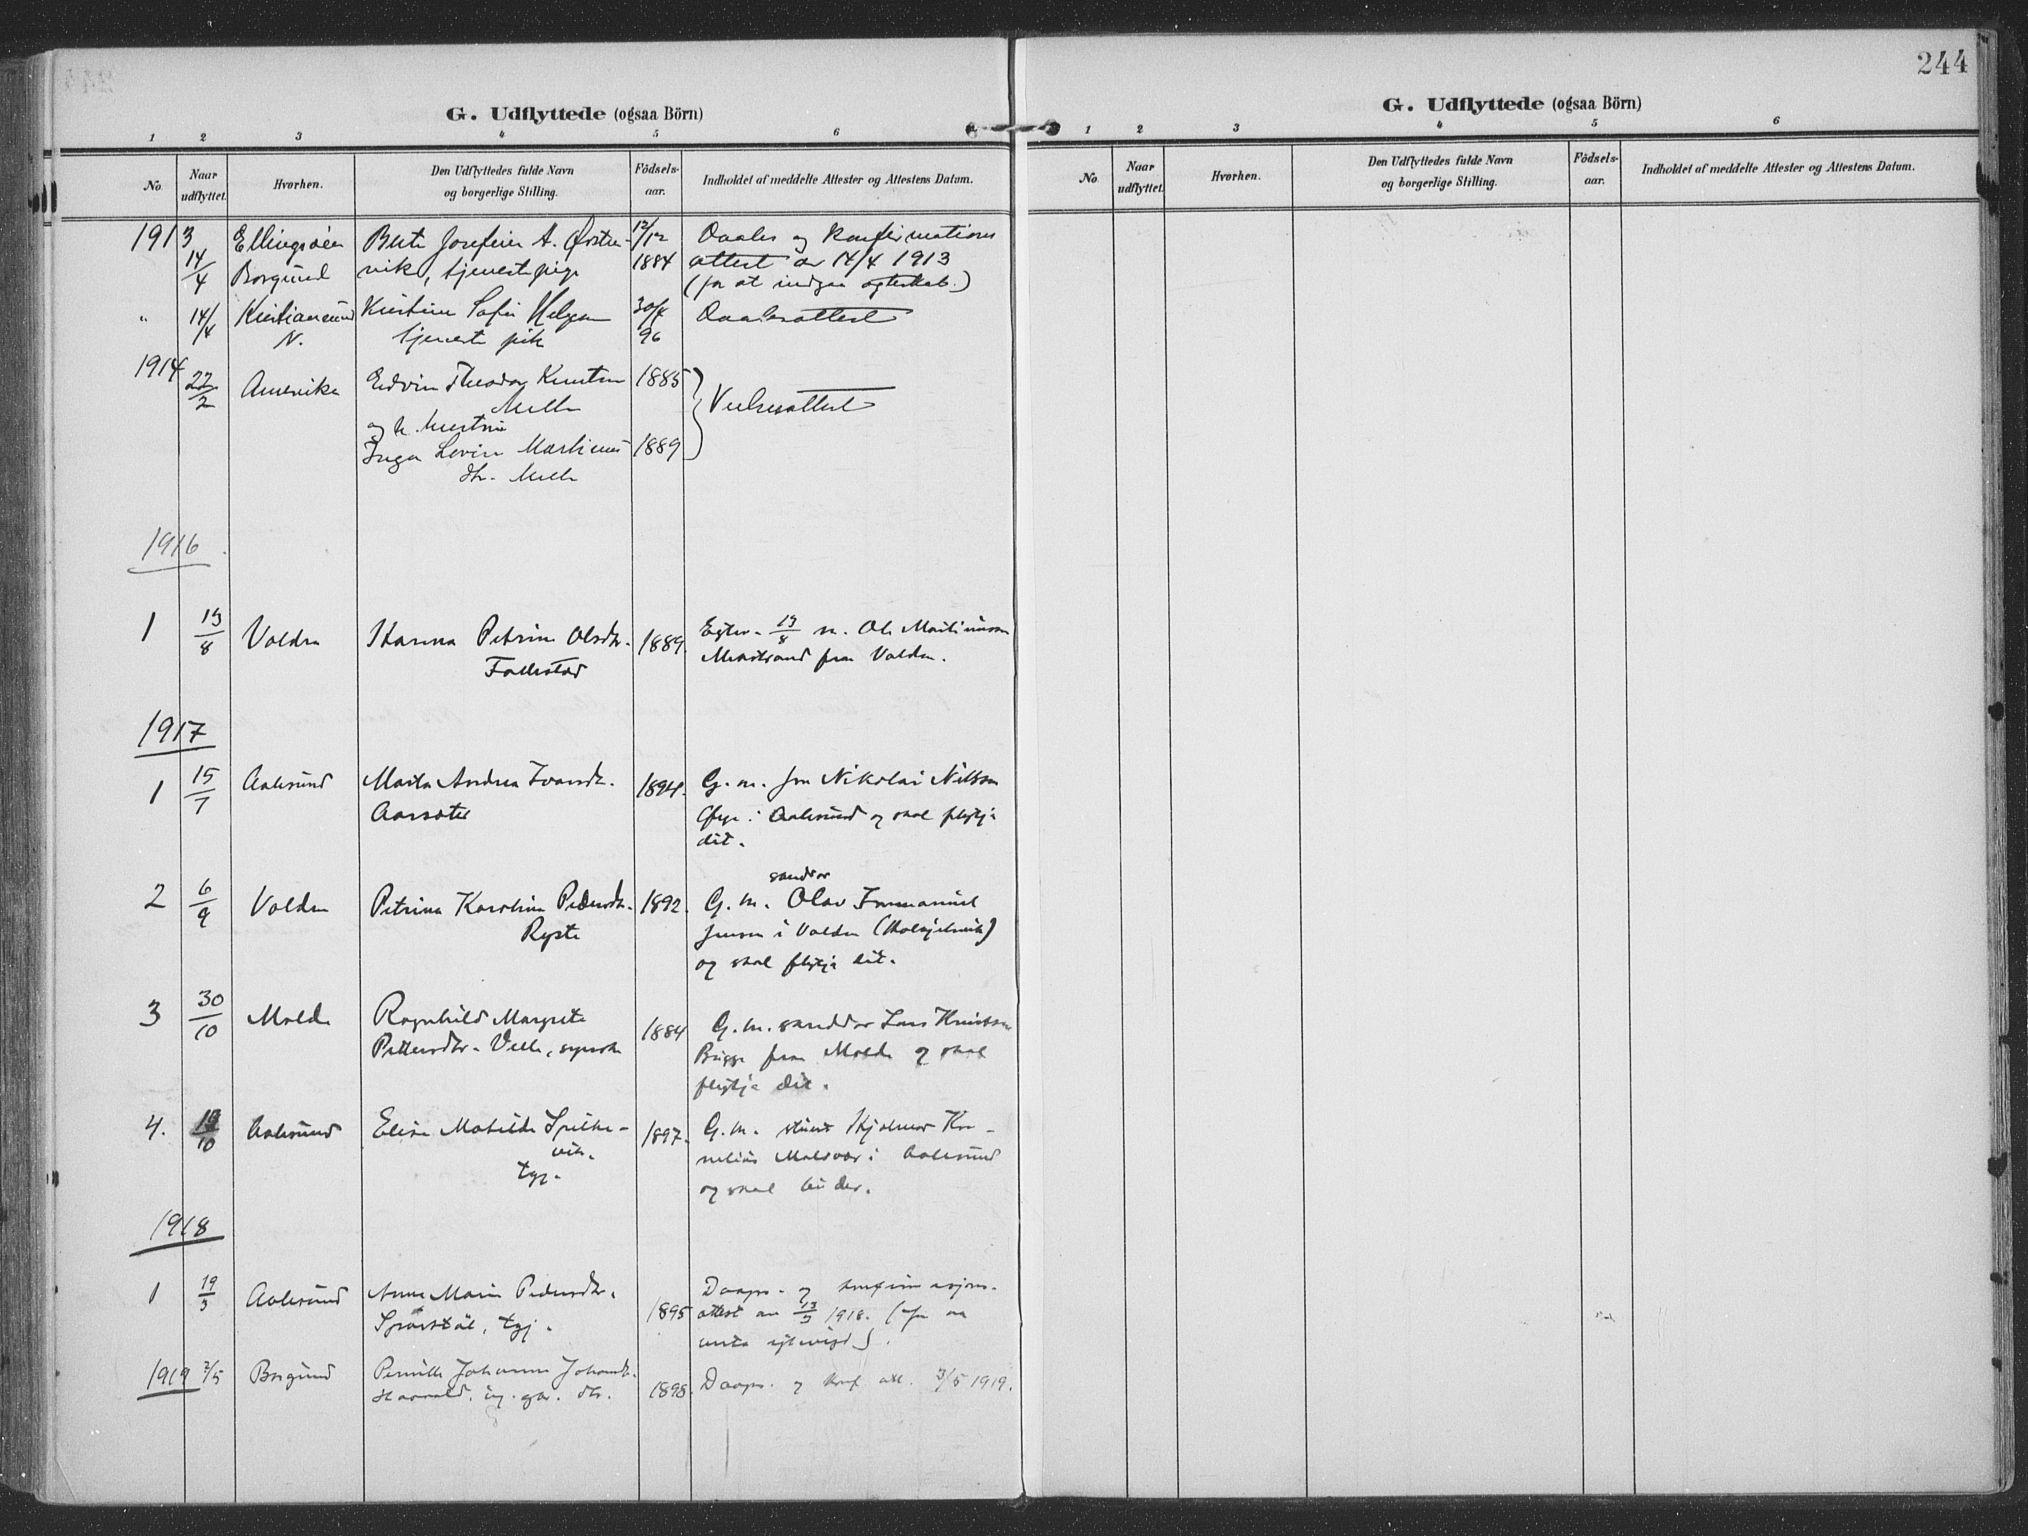 SAT, Ministerialprotokoller, klokkerbøker og fødselsregistre - Møre og Romsdal, 513/L0178: Ministerialbok nr. 513A05, 1906-1919, s. 244